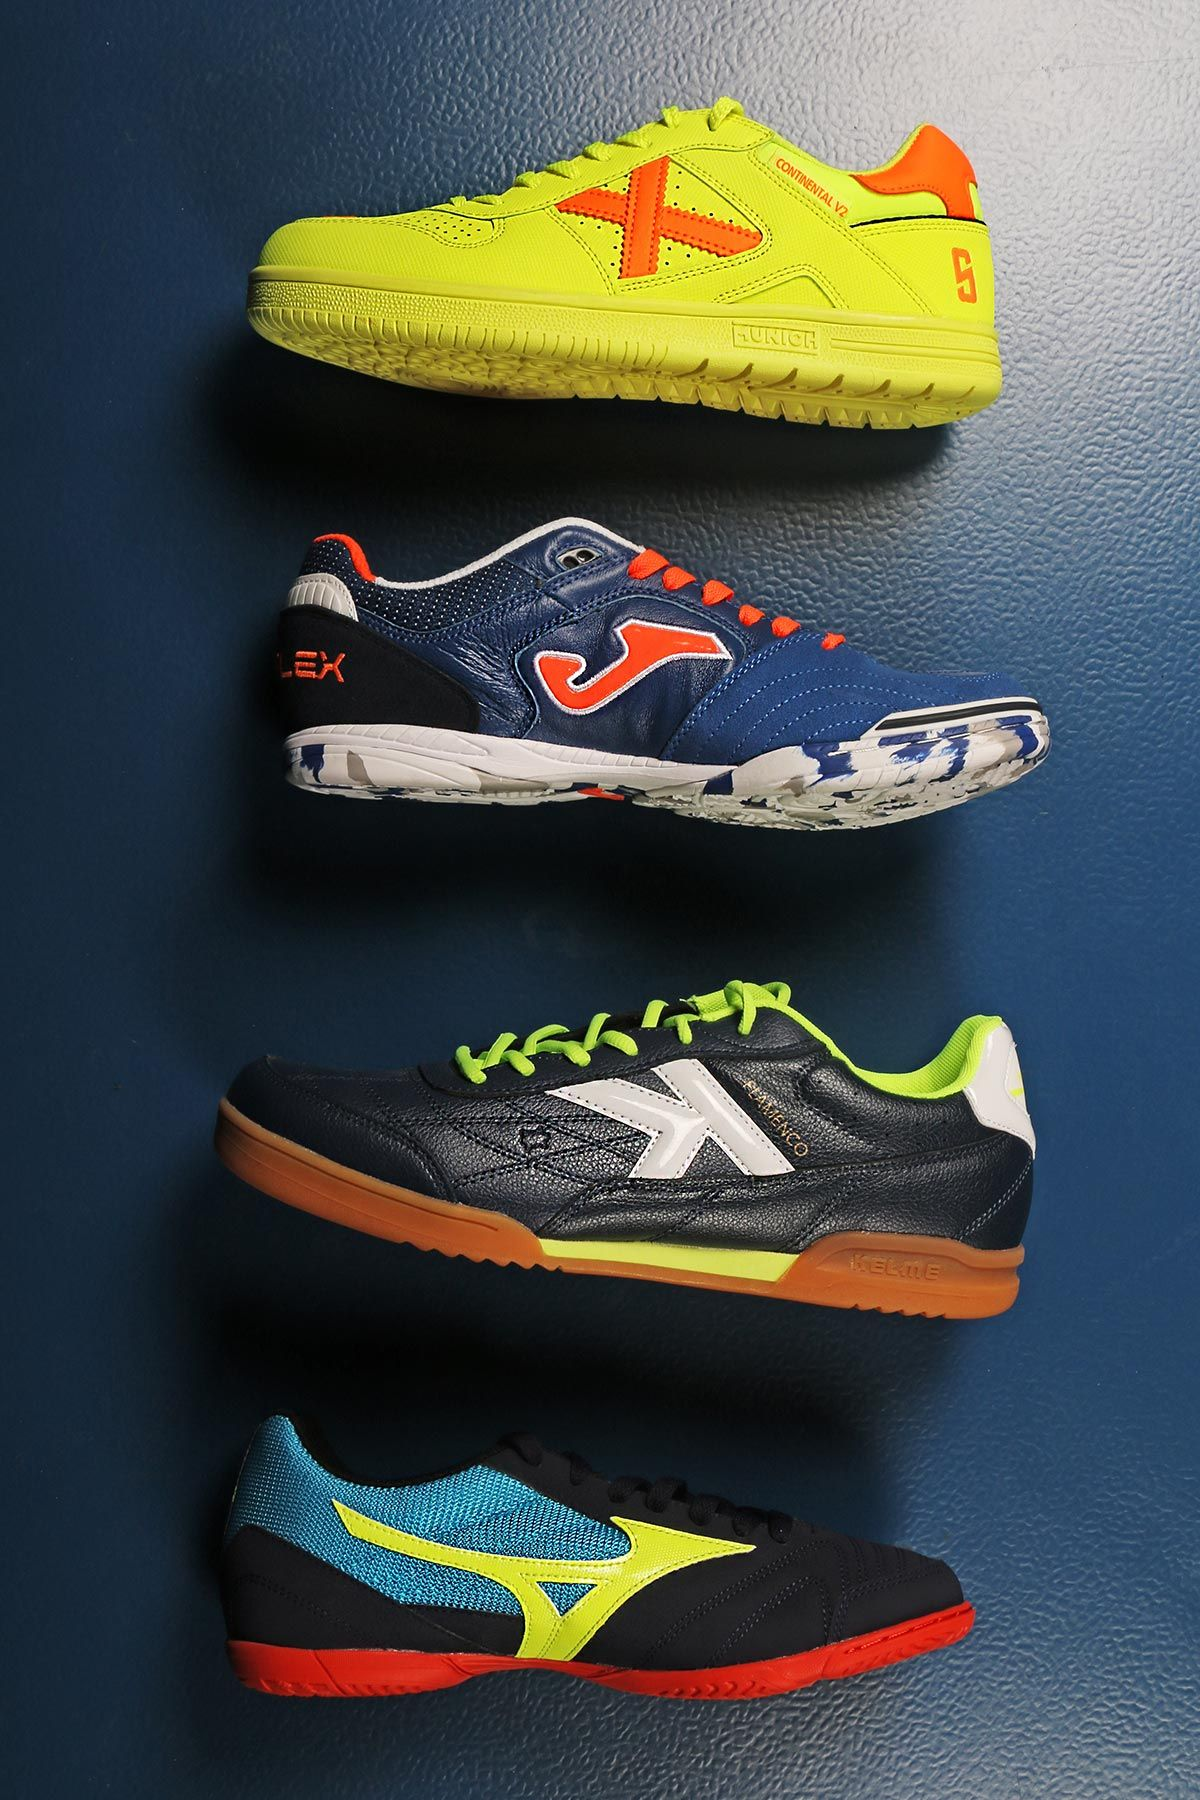 donde comprar zapatillas mizuno baratas